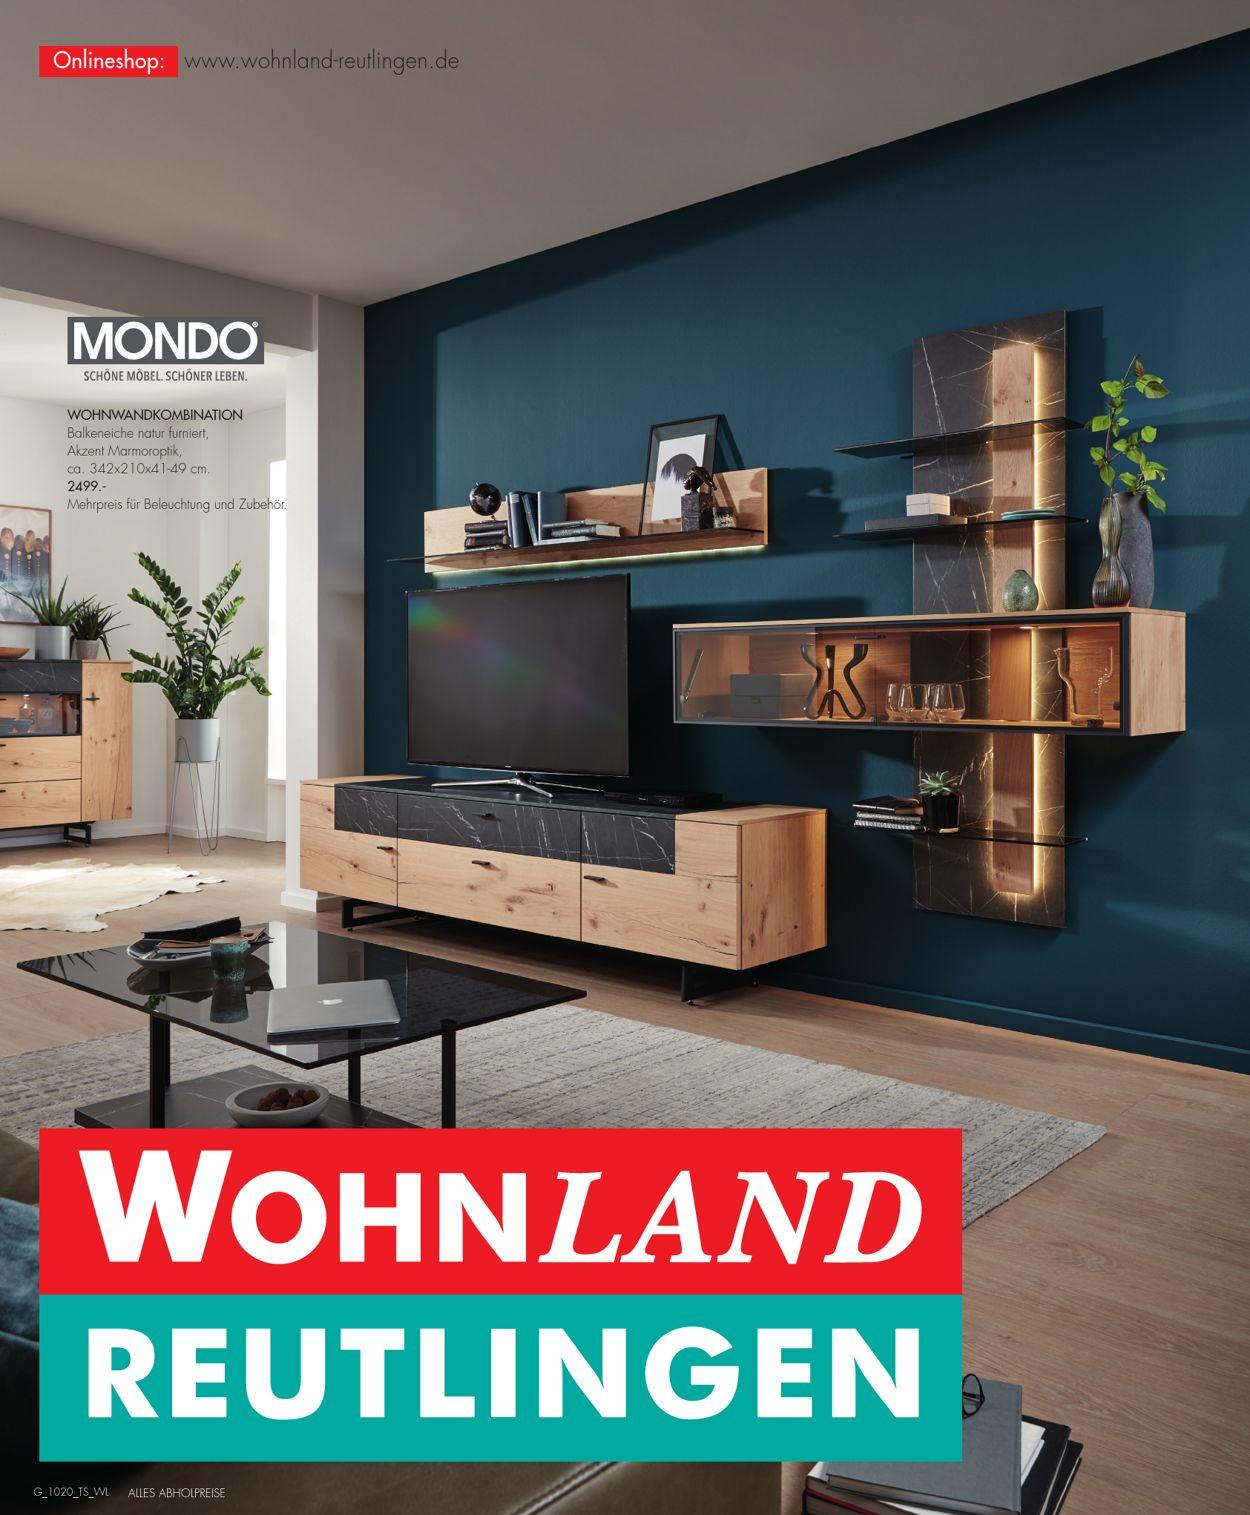 Wohnland Reutlingen Prospekt - Aktuell vom 08.10-21.10.2020